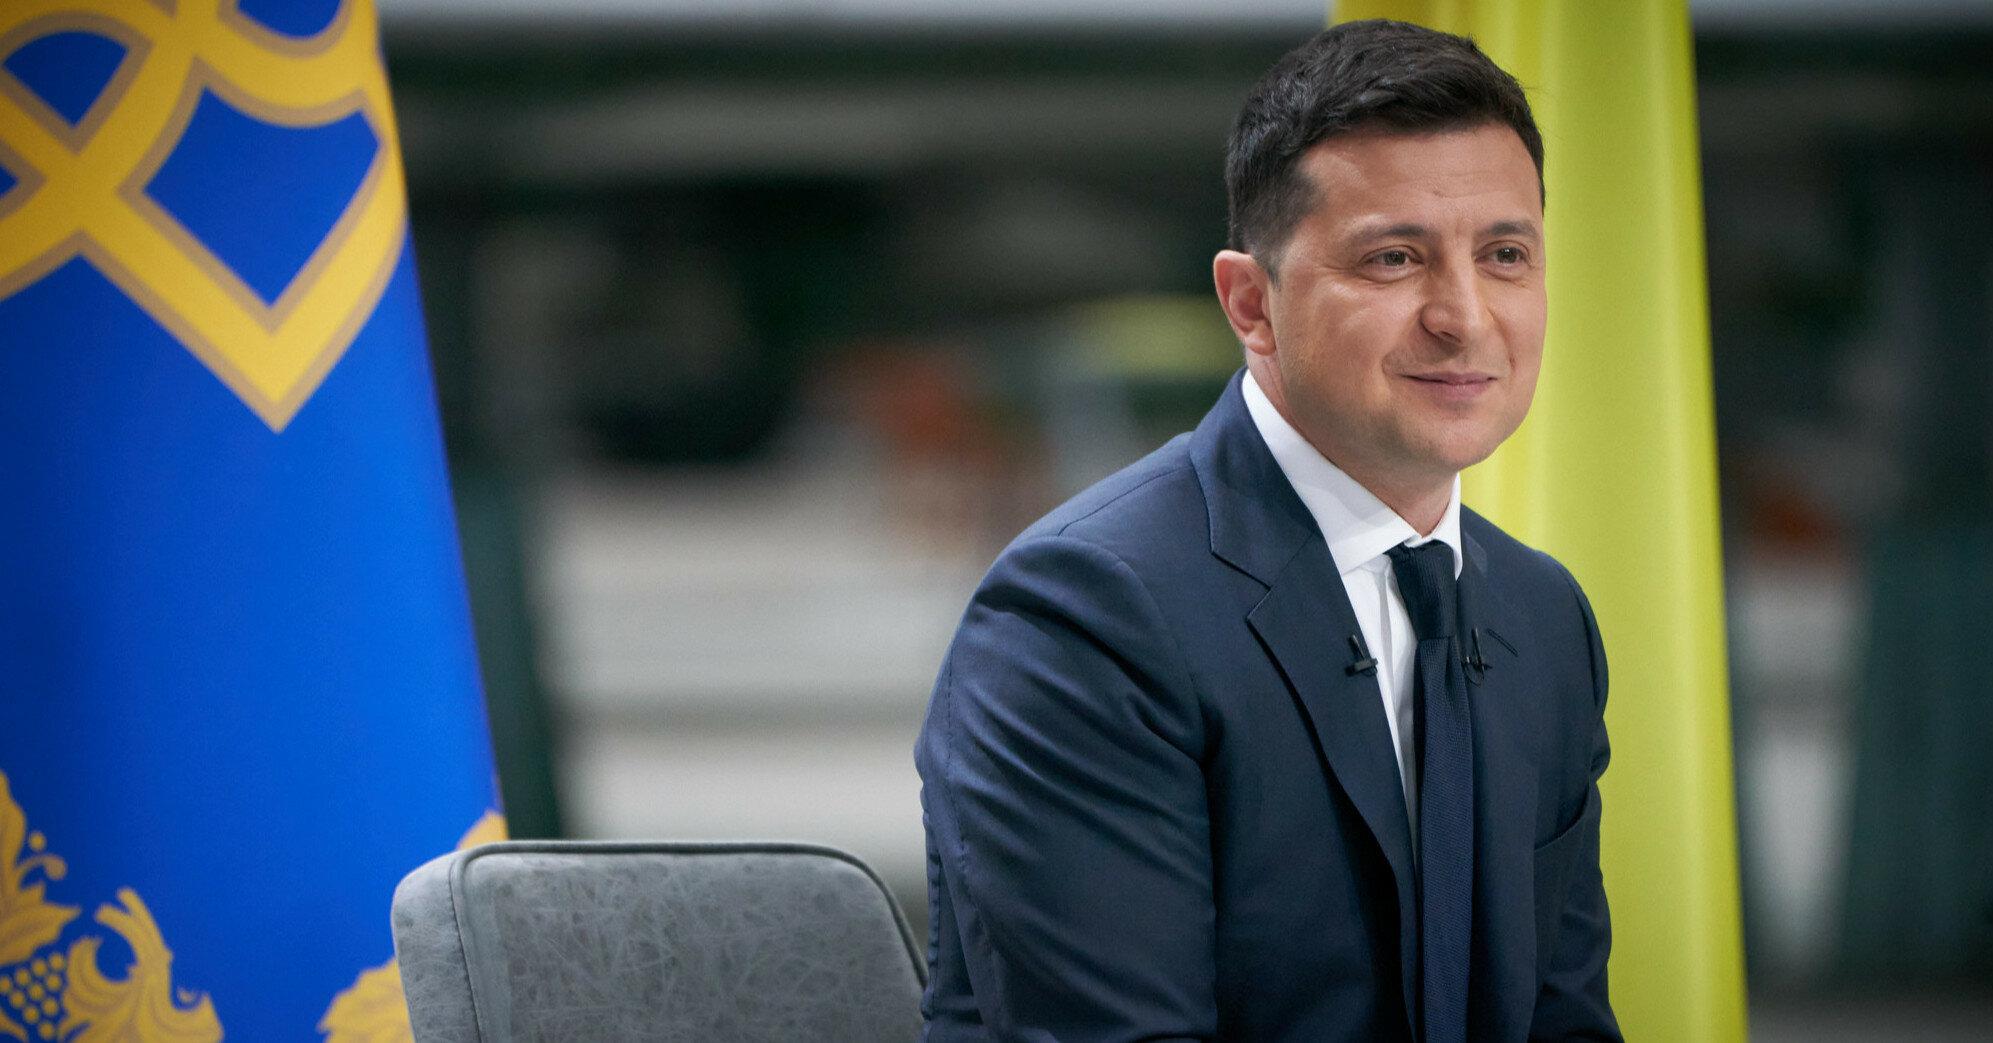 Готовы ли украинцы поддержать баллотирование Зеленского на второй срок